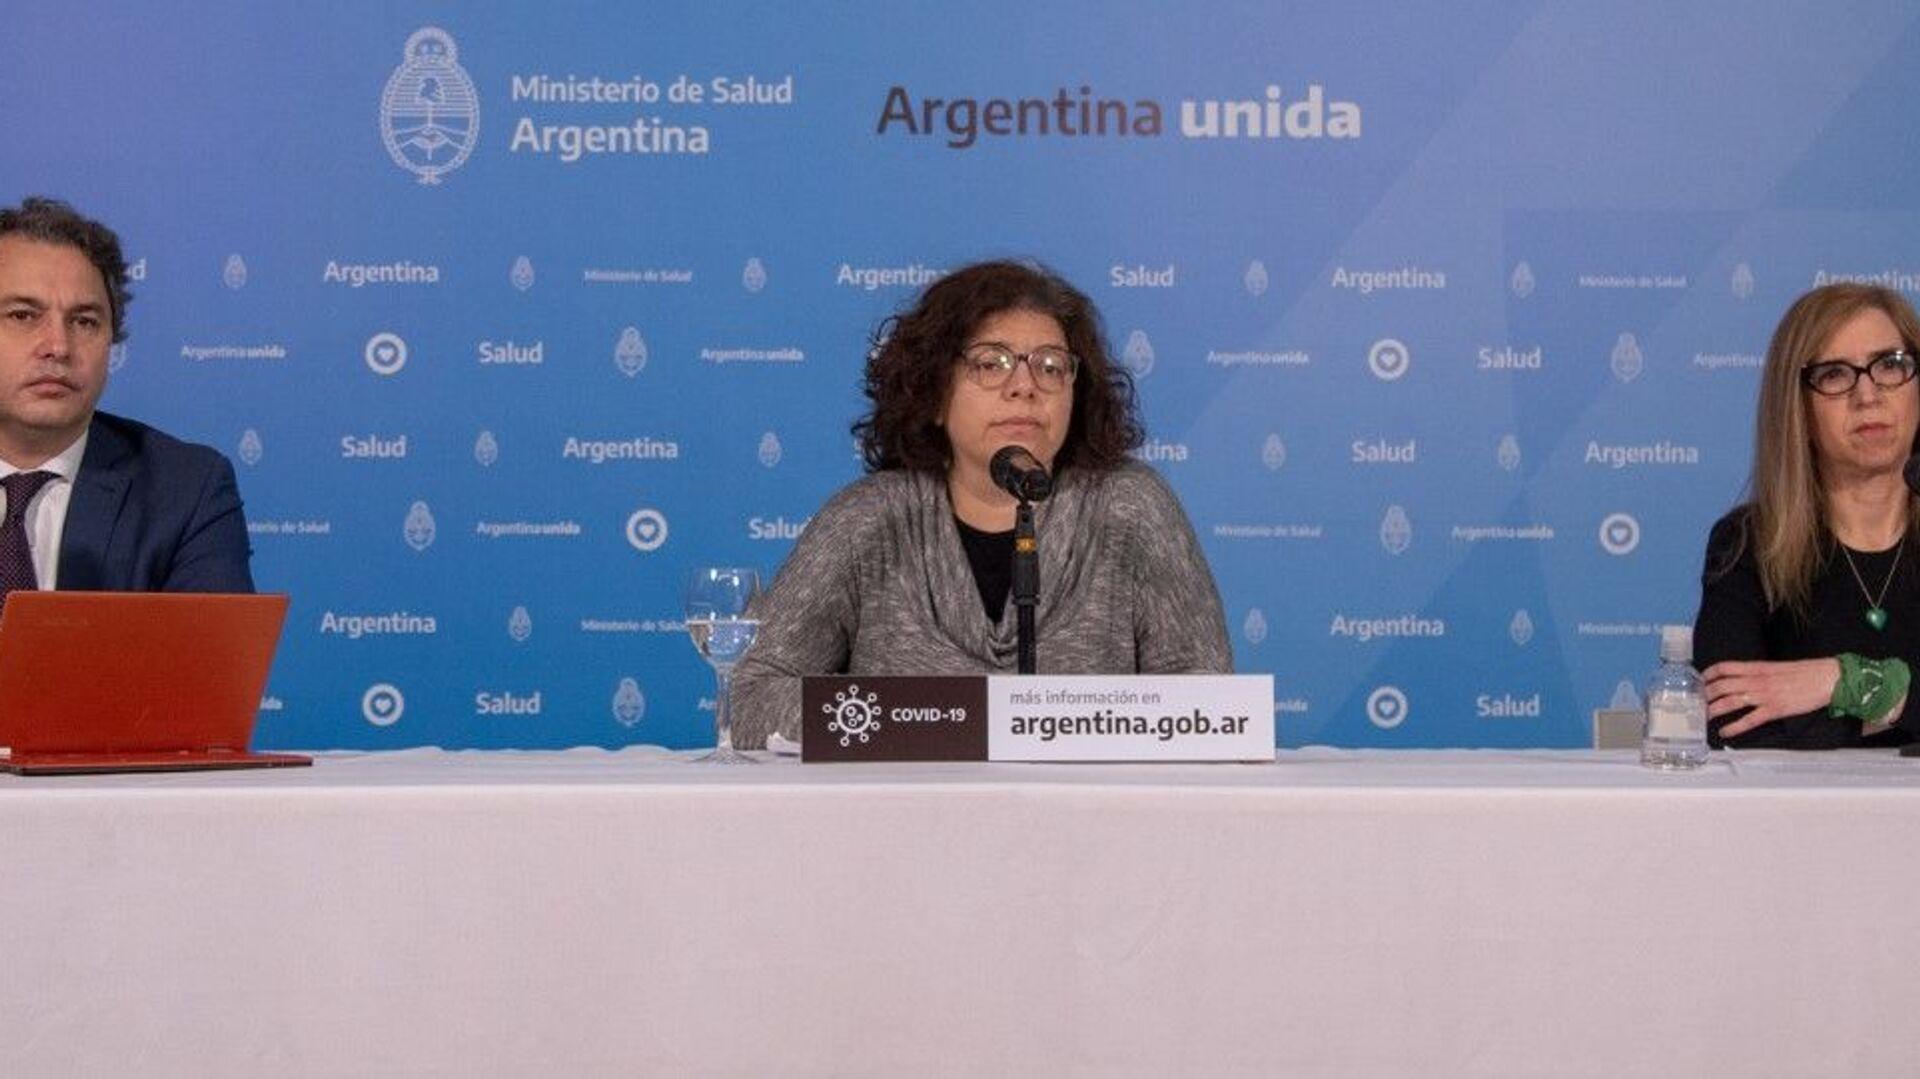 Carla Vizzotti, secretaria de Acceso a la Salud del Ministerio de Salud de Argentina - Sputnik Mundo, 1920, 19.07.2021